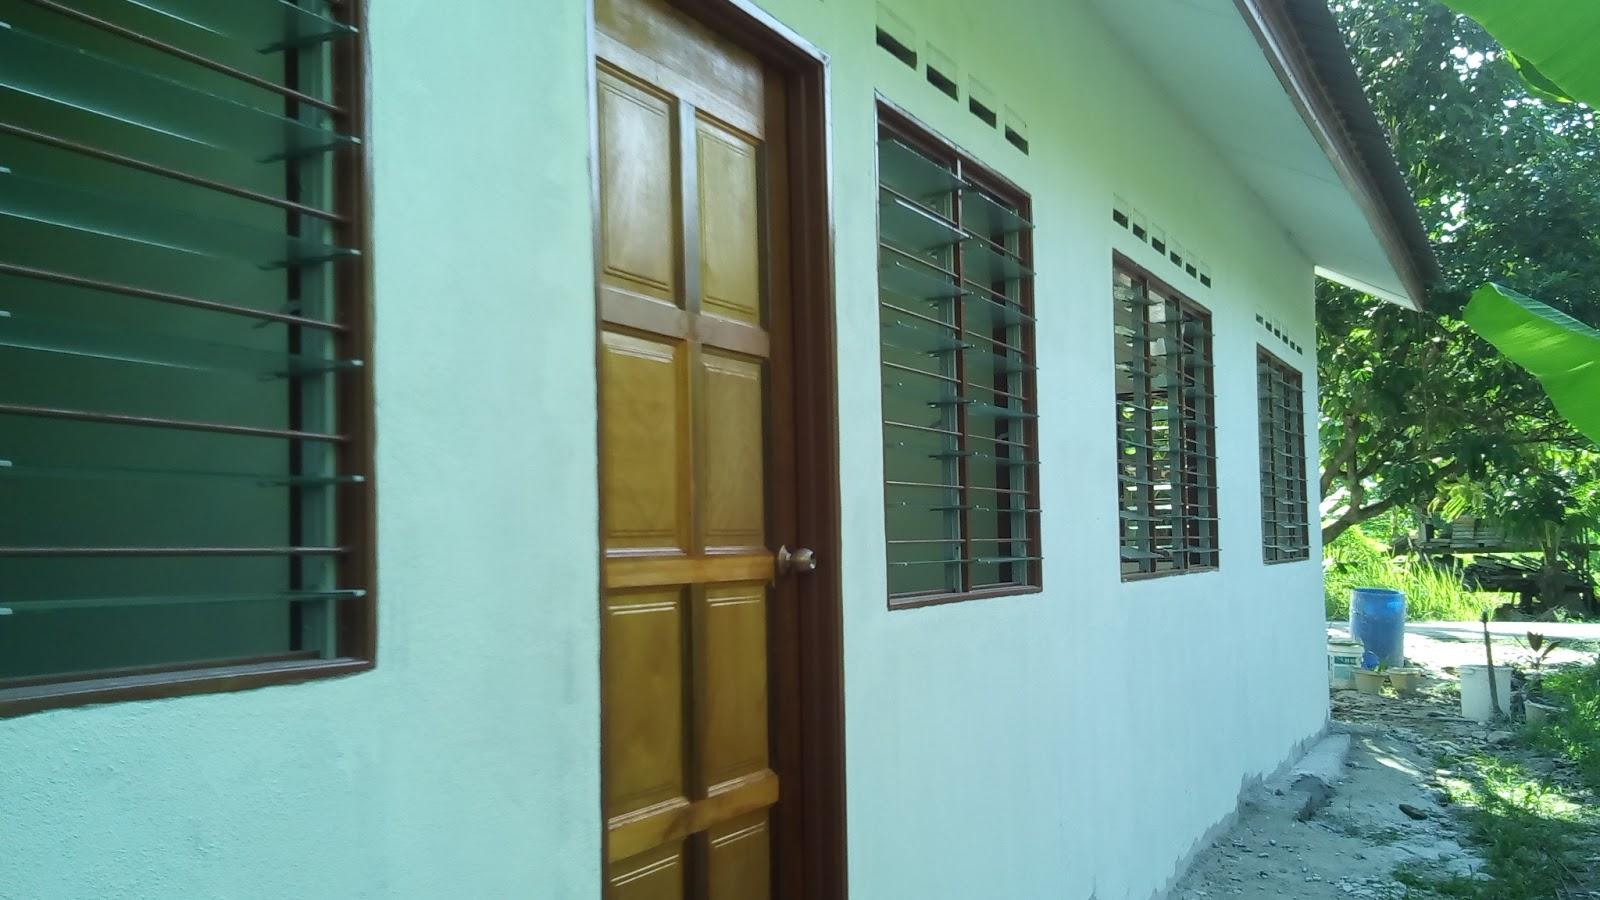 Gambar 6 Imej Luar Tingkap Naco Di Sekeliling Rumah